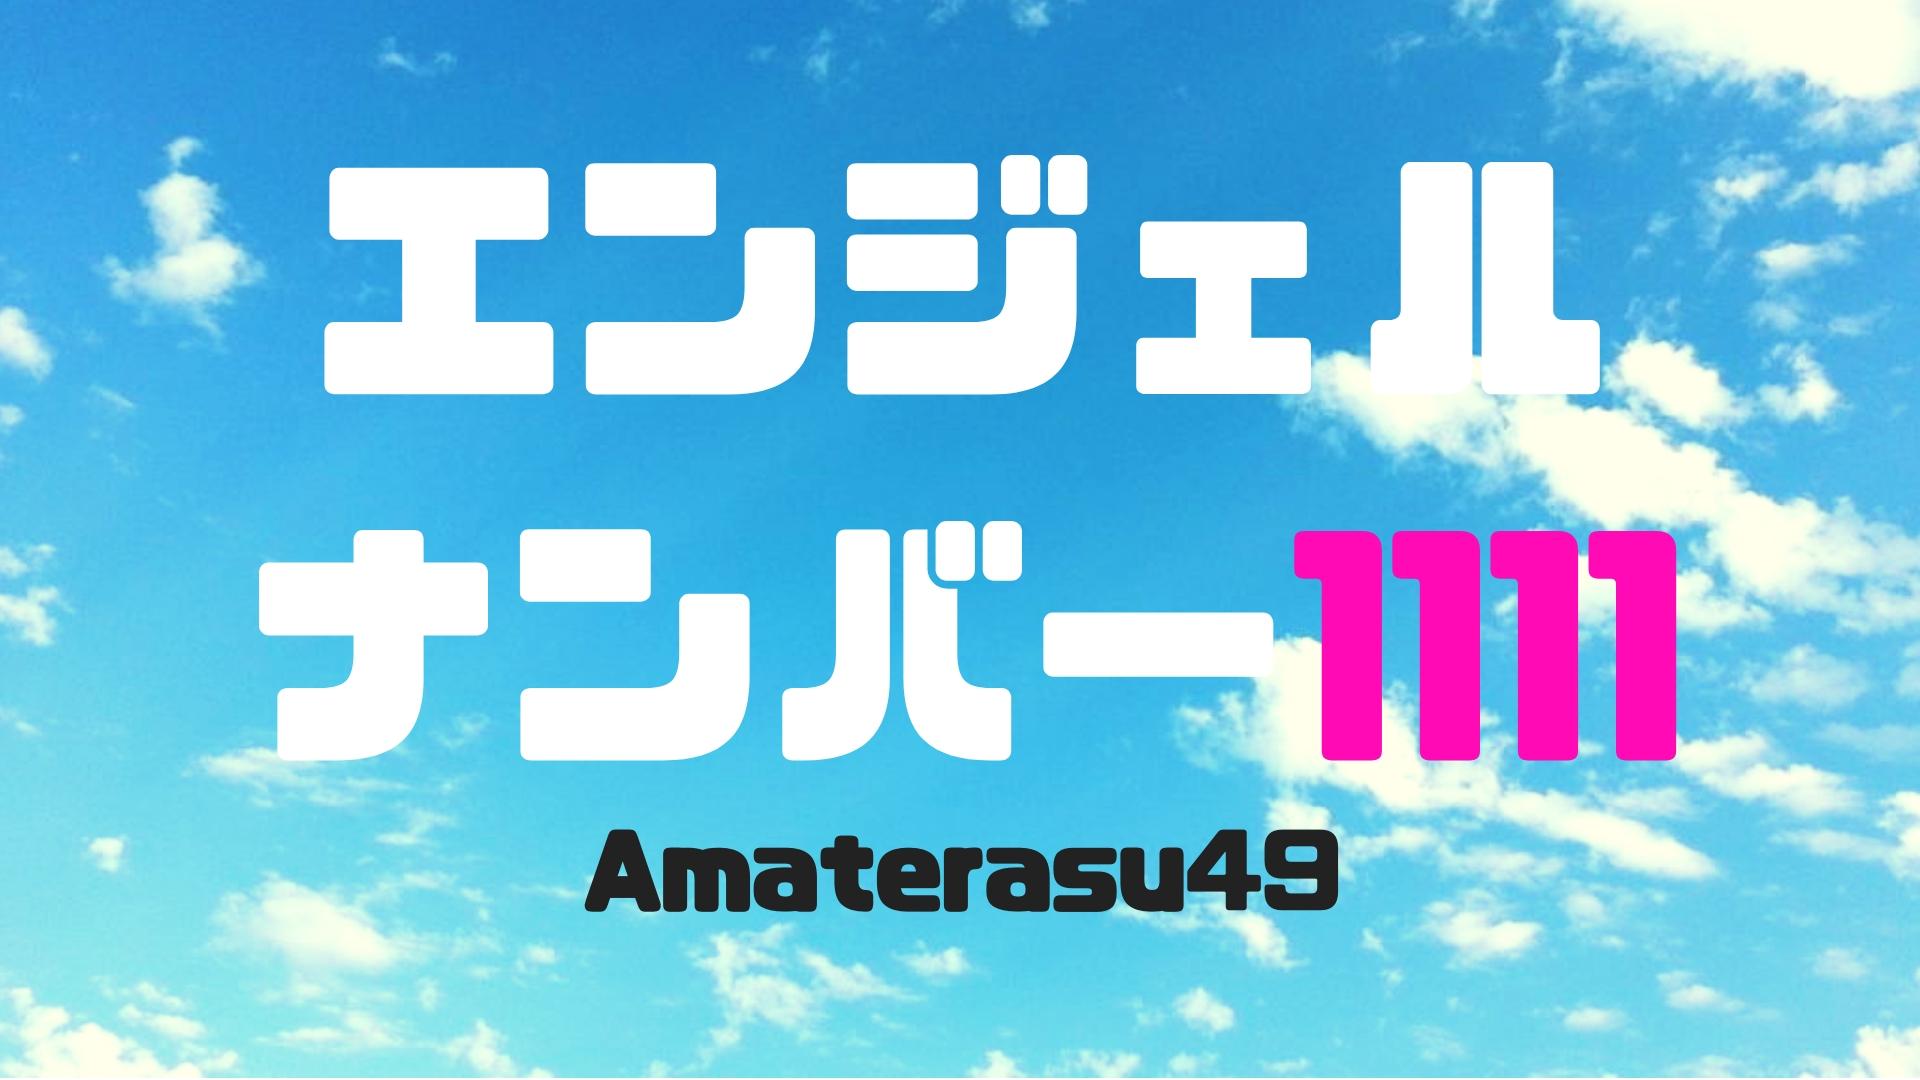 エンジェルナンバー1111の意味とは?恋愛、復縁、仕事等に関する天使からのメッセージを紹介!